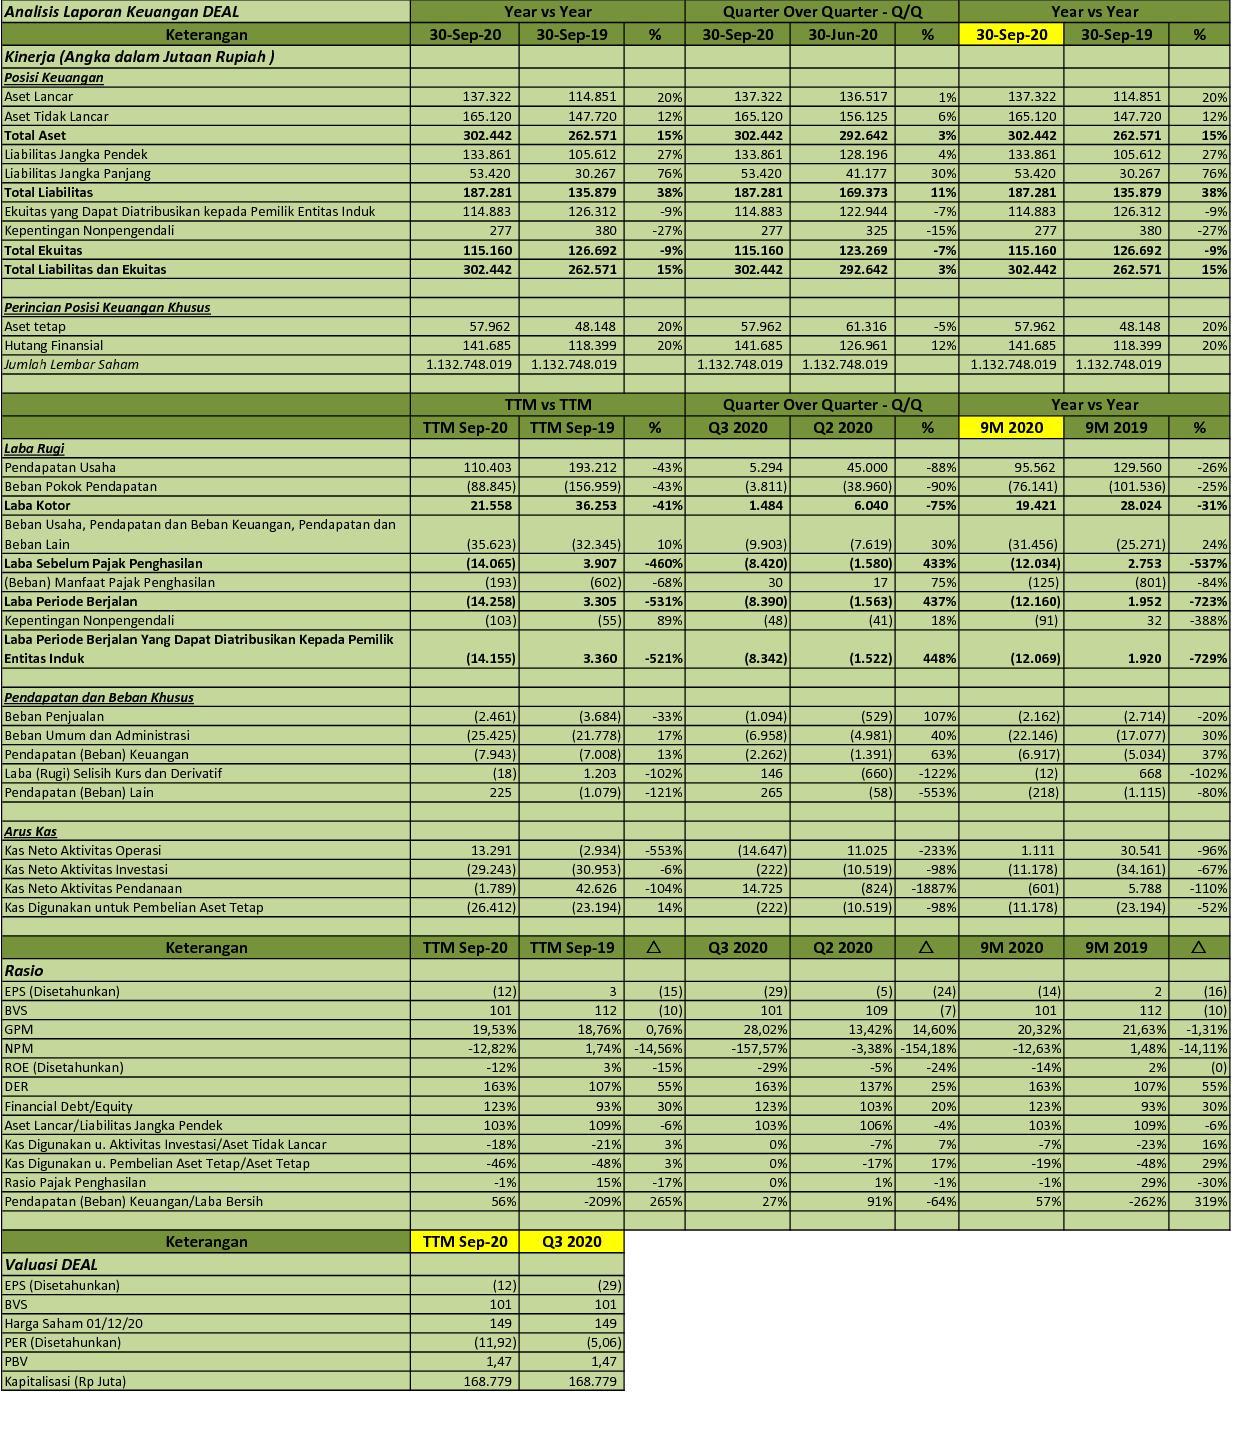 Idx Investor Deal Q3 2020 Pt Dewata Freightinternational Tbk Analisis Laporan Keuangan